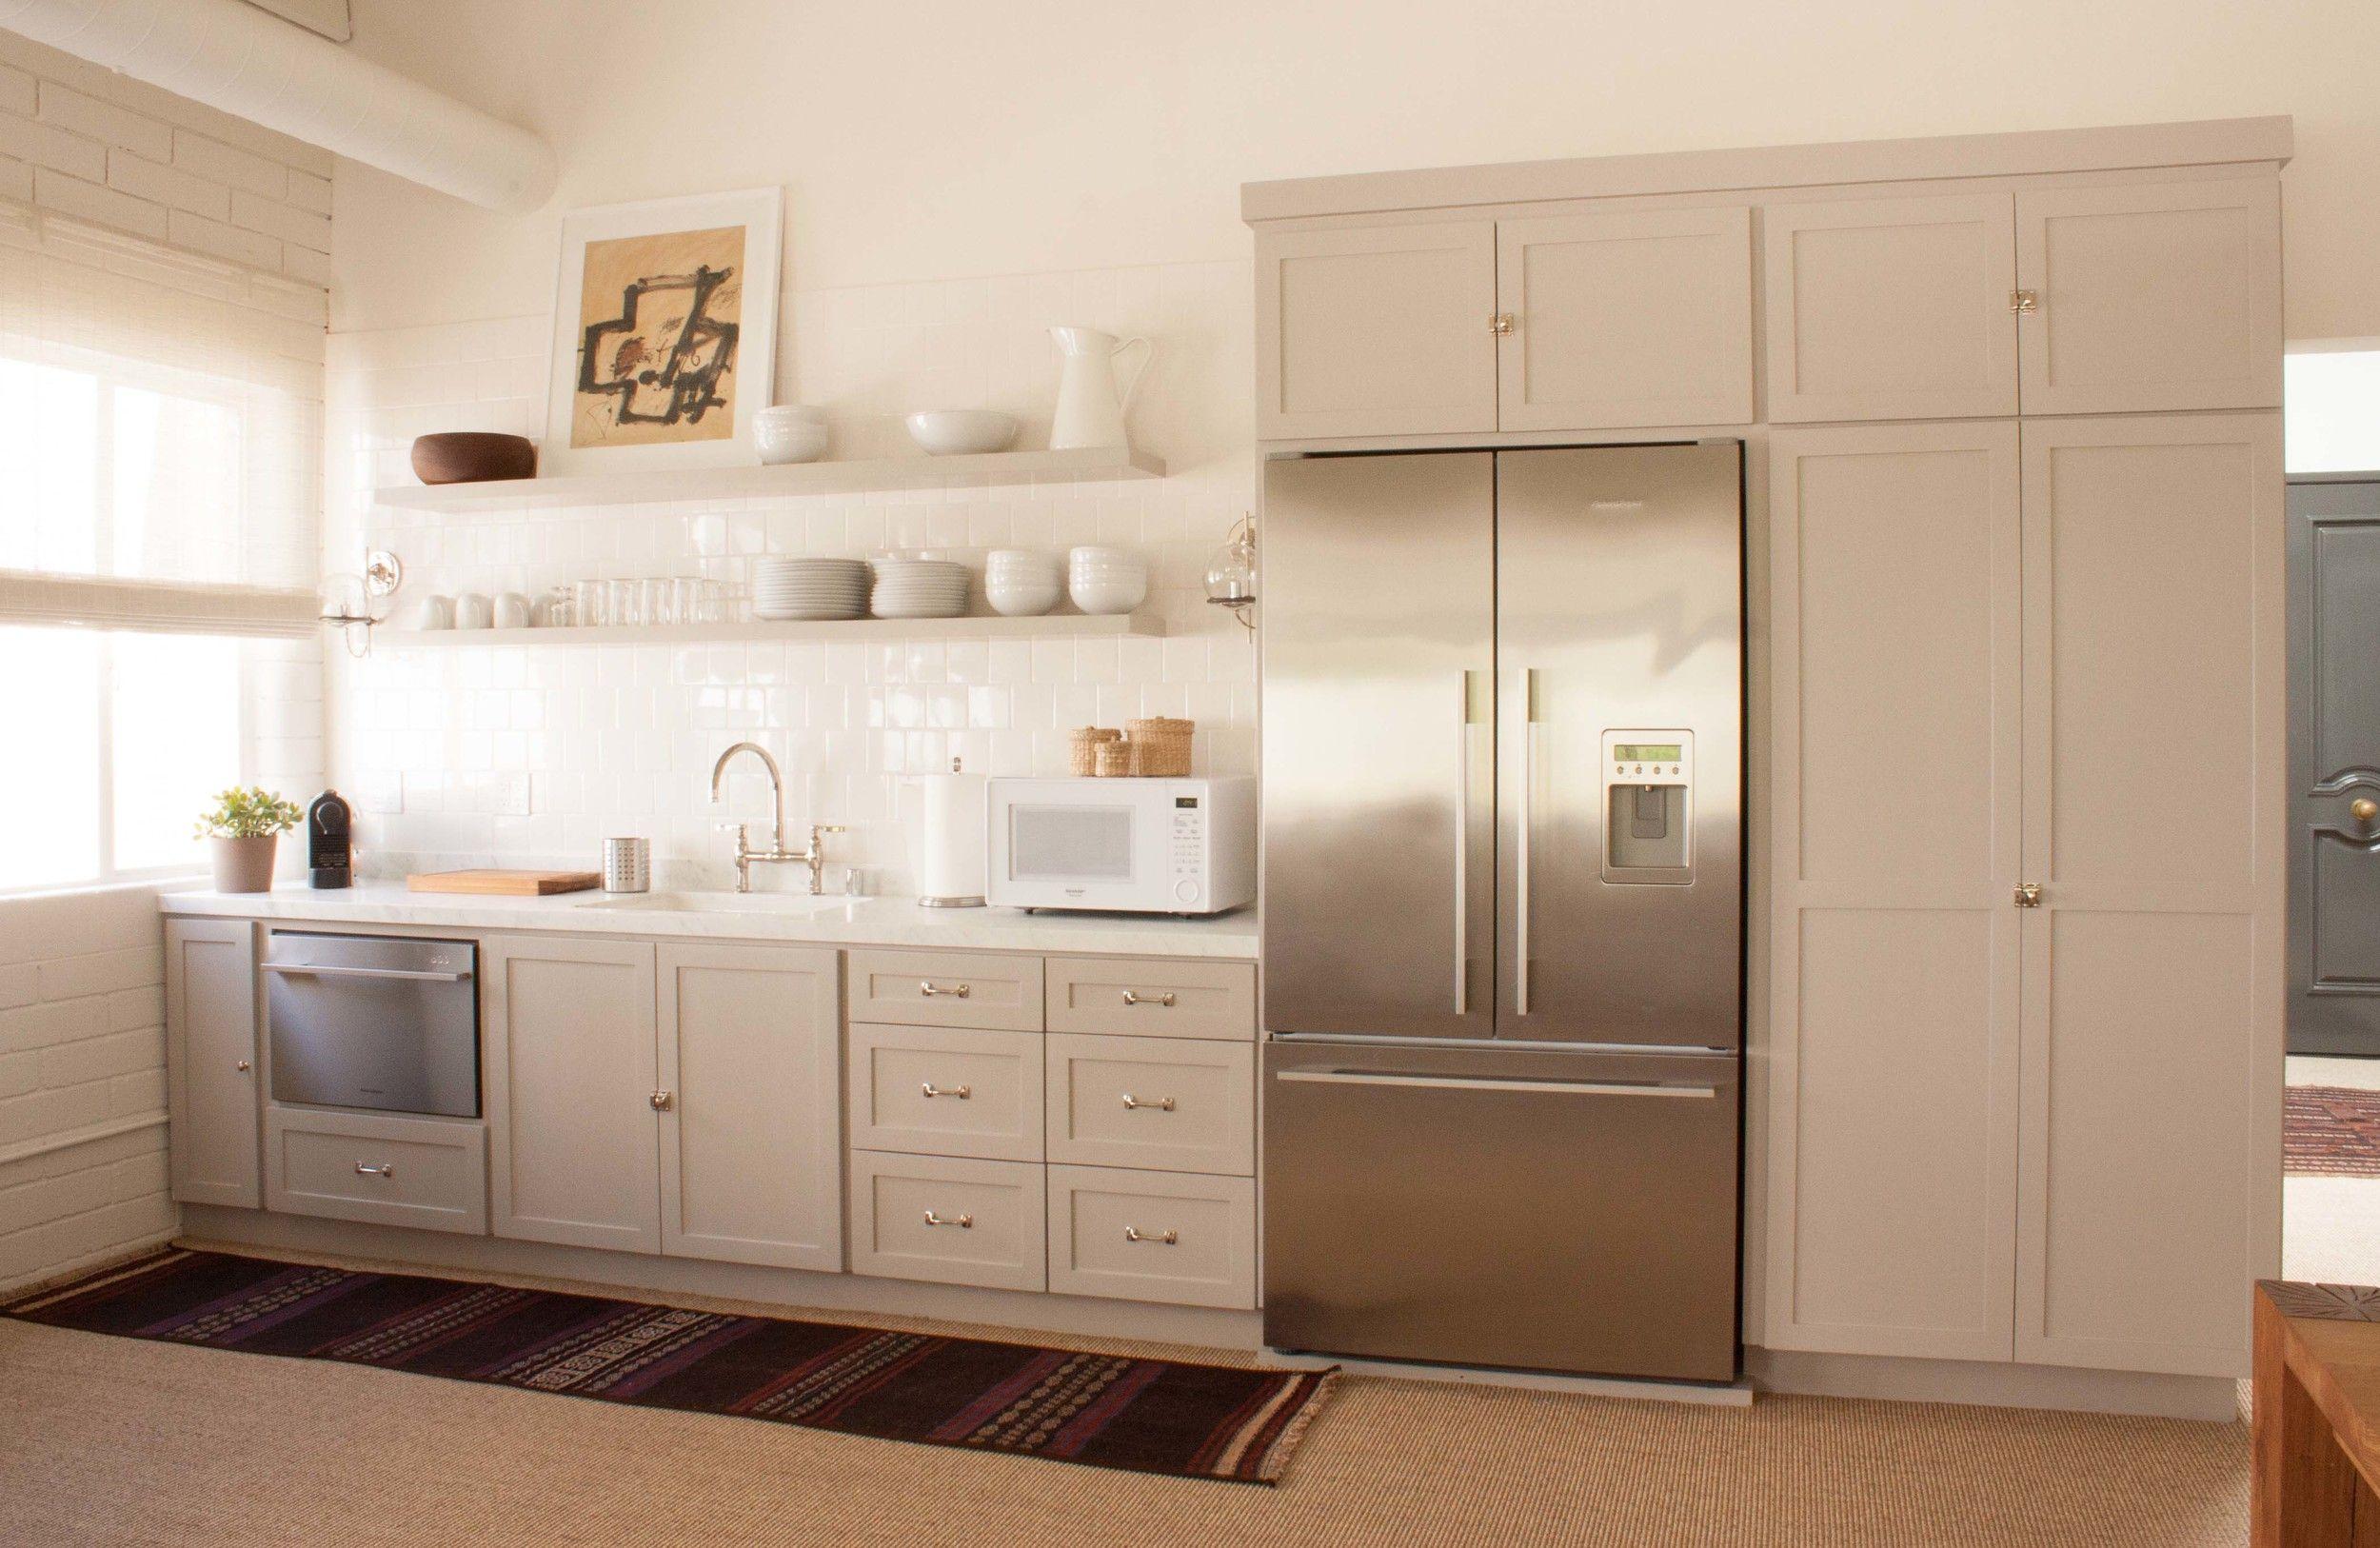 Charmant Exquisite Küche Design Brooklyn Ny Fotos - Ideen Für Die ...